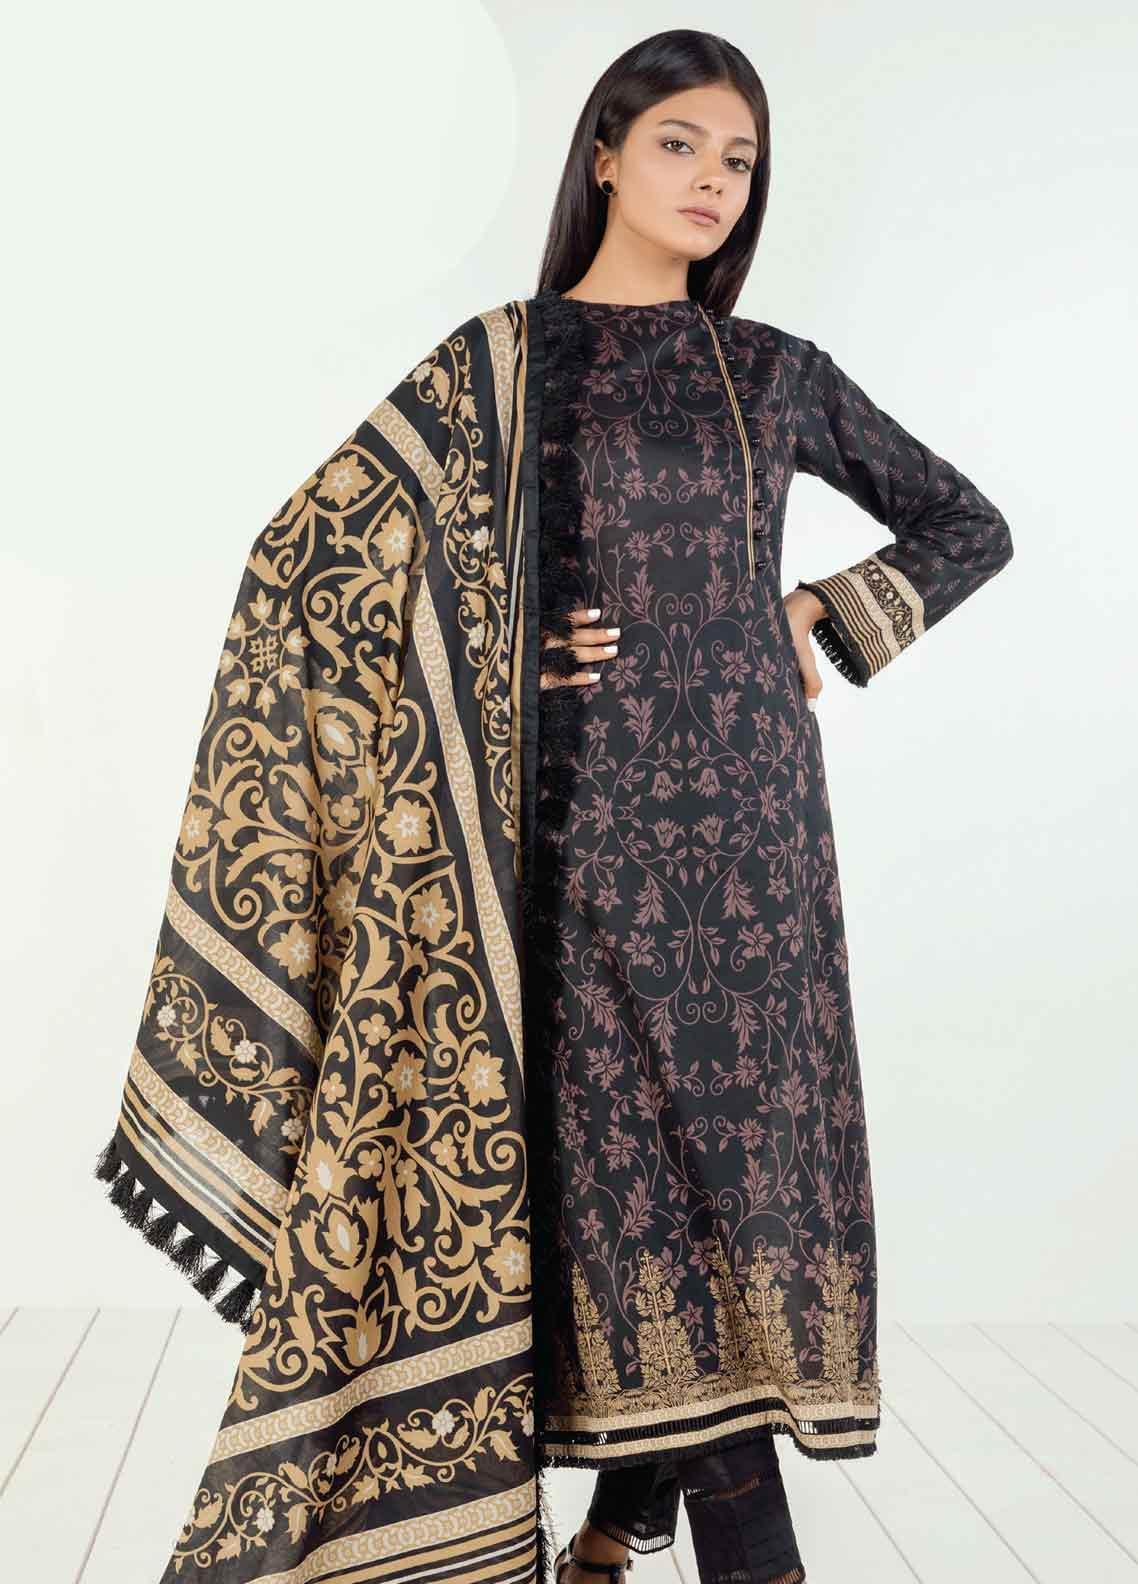 Orient Textile Printed Lawn Unstitched 3 Piece Suit OT19BW 125 - Black & White Collection